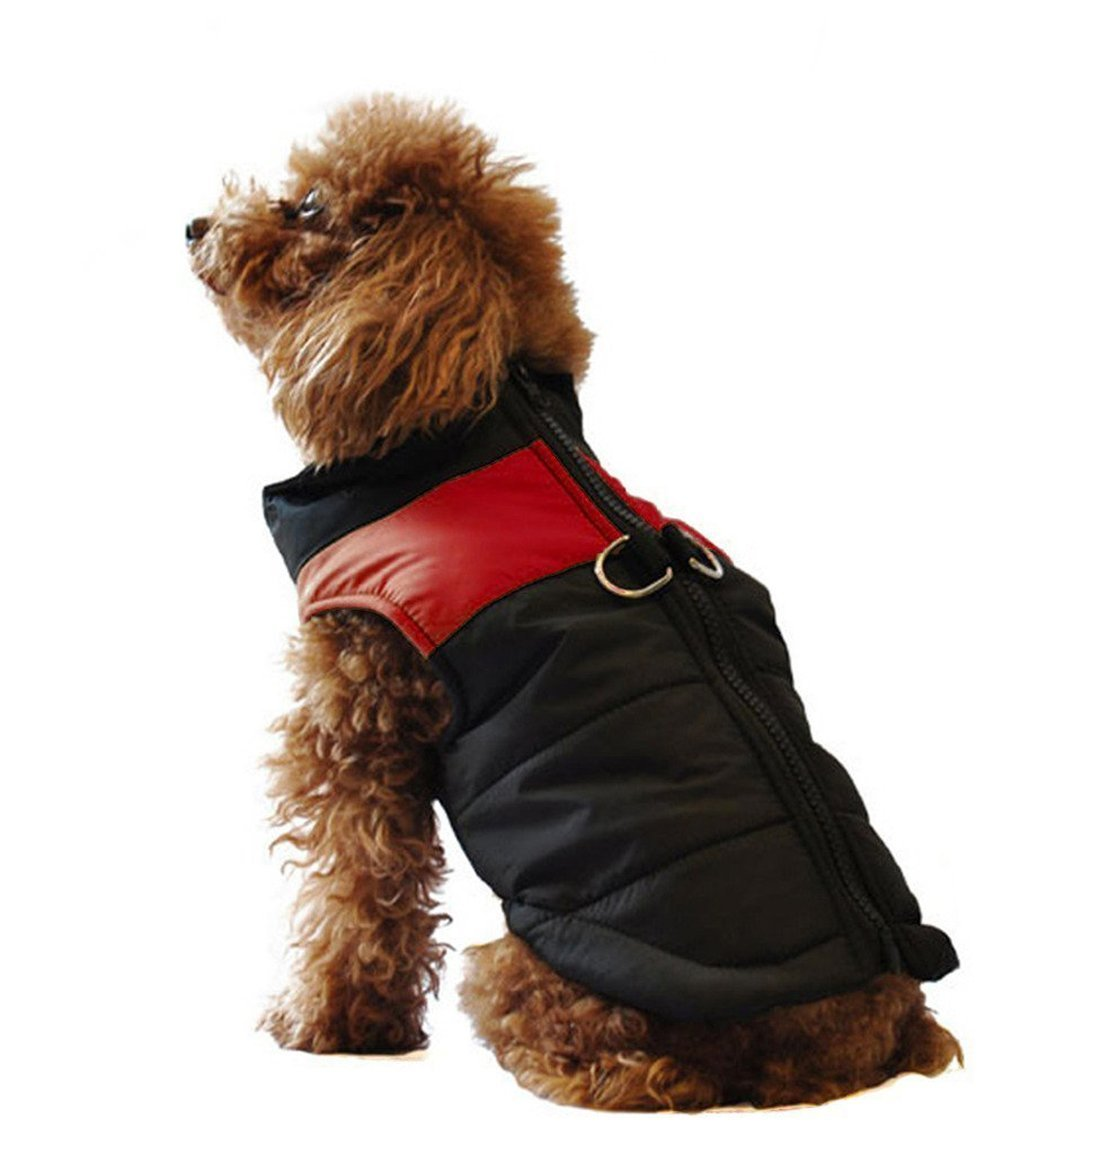 Aisuper matelassé chaud étanche Fermeture Éclair vestes manteaux d'hiver pour petite Medium Chiens de grande taille Pull-over pour animaux de compagnie Chiot Chat Vêtements de coton Bleu Rouge Rouge Vert Rose 5couleurs Taille S-5X L